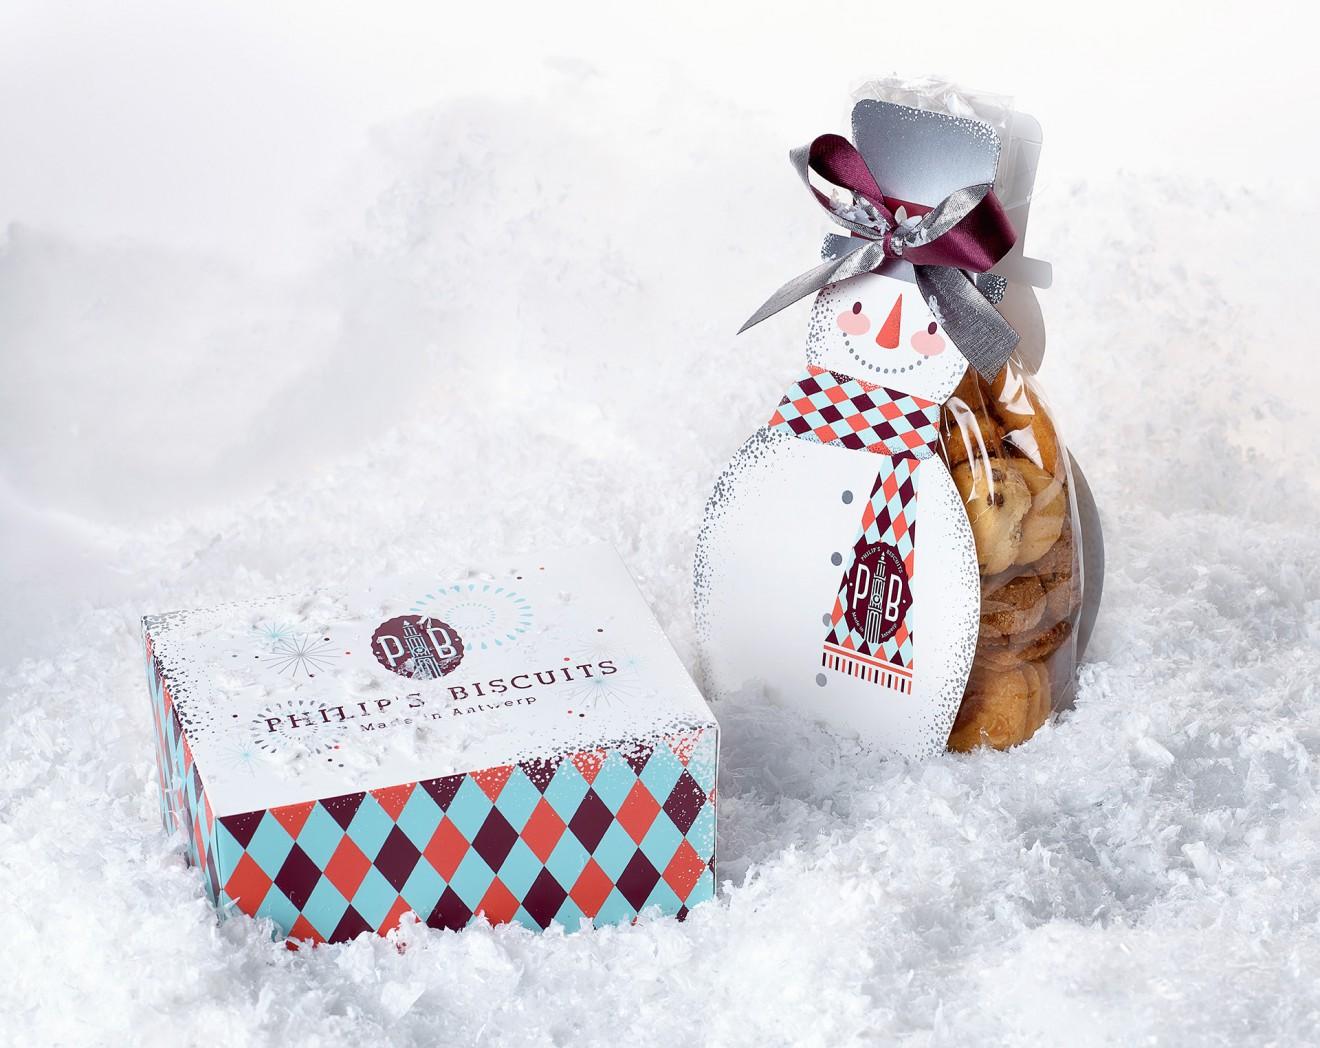 Quatre Mains package design - biscuits, antwerp, snowman, quatre mains